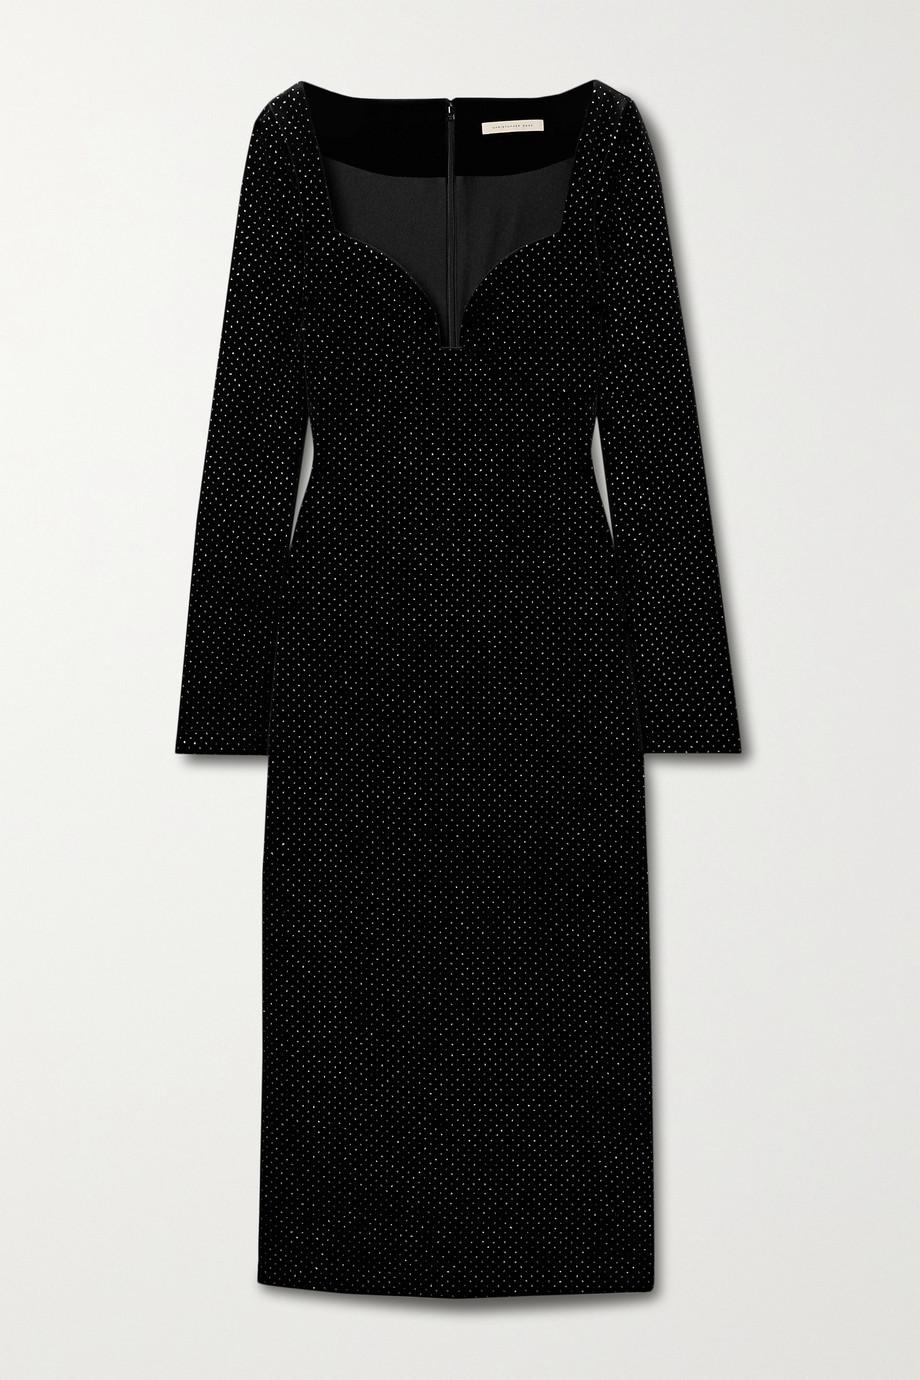 Christopher Kane Glittered velvet midi dress